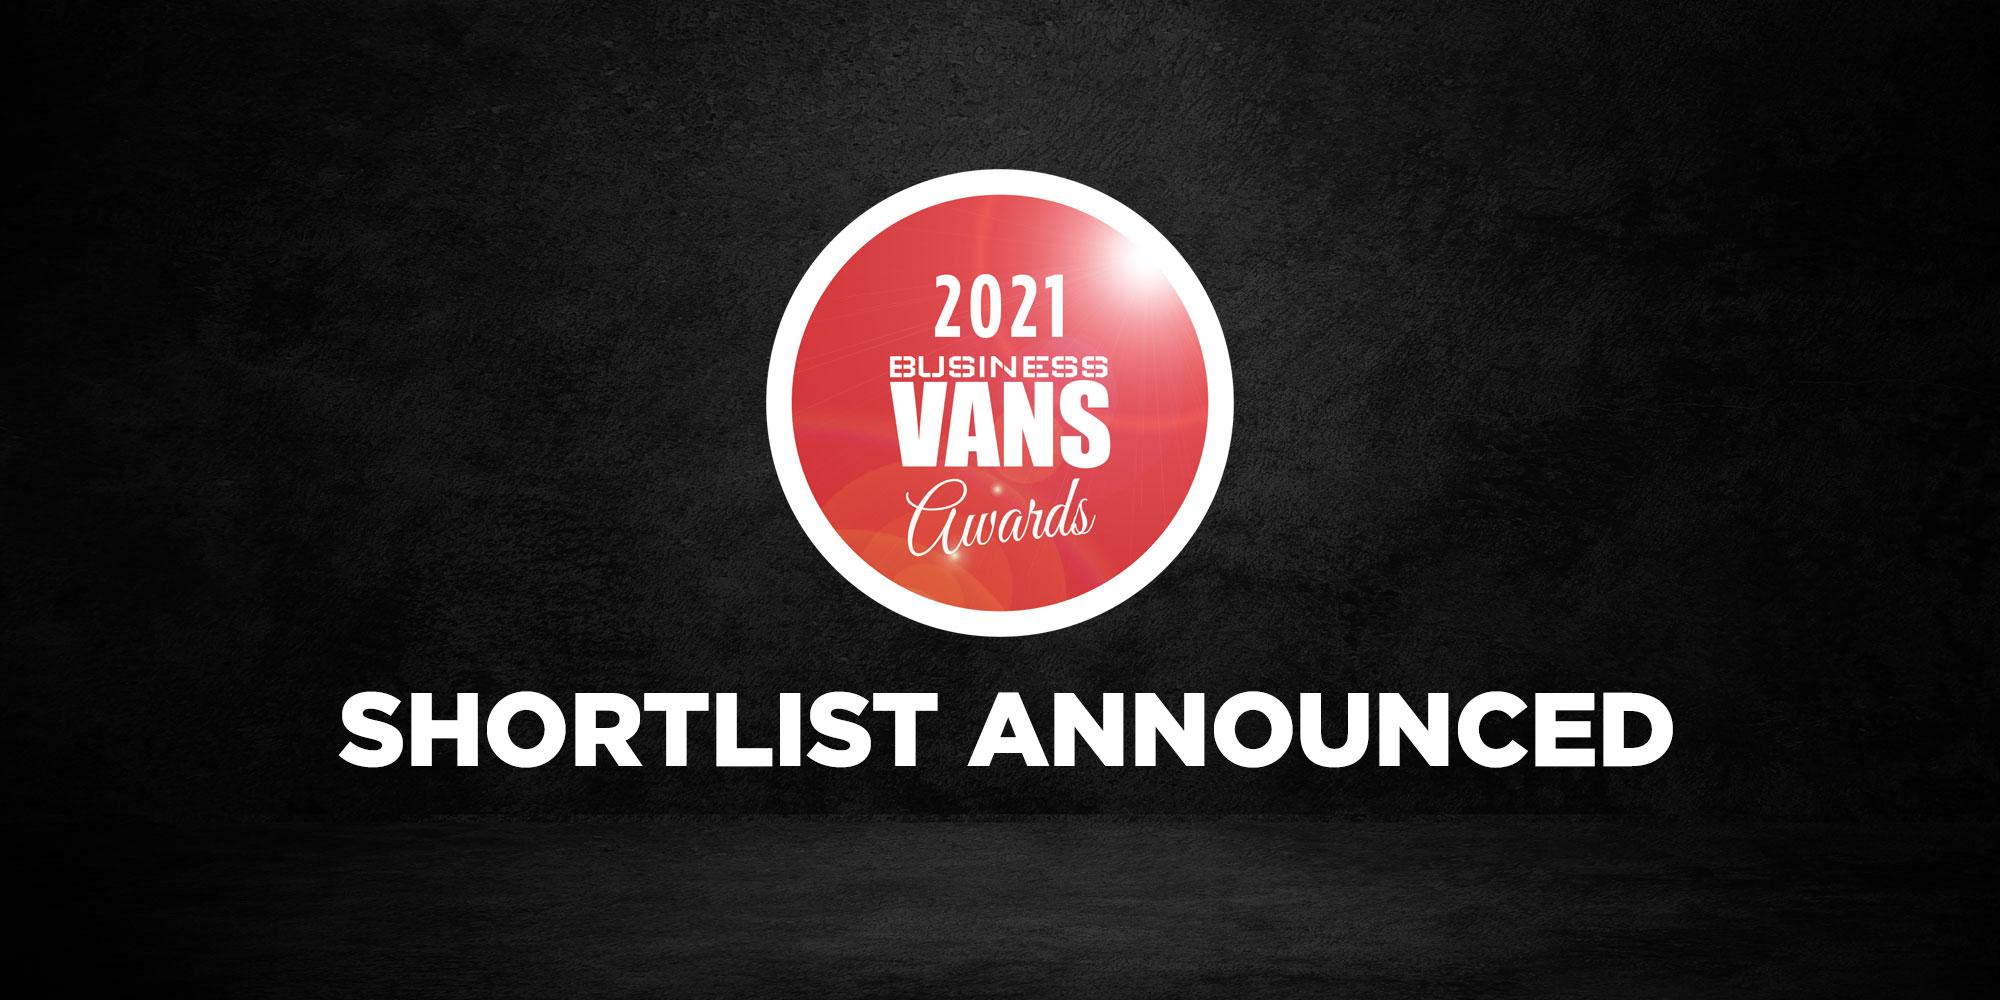 Shortlist vans